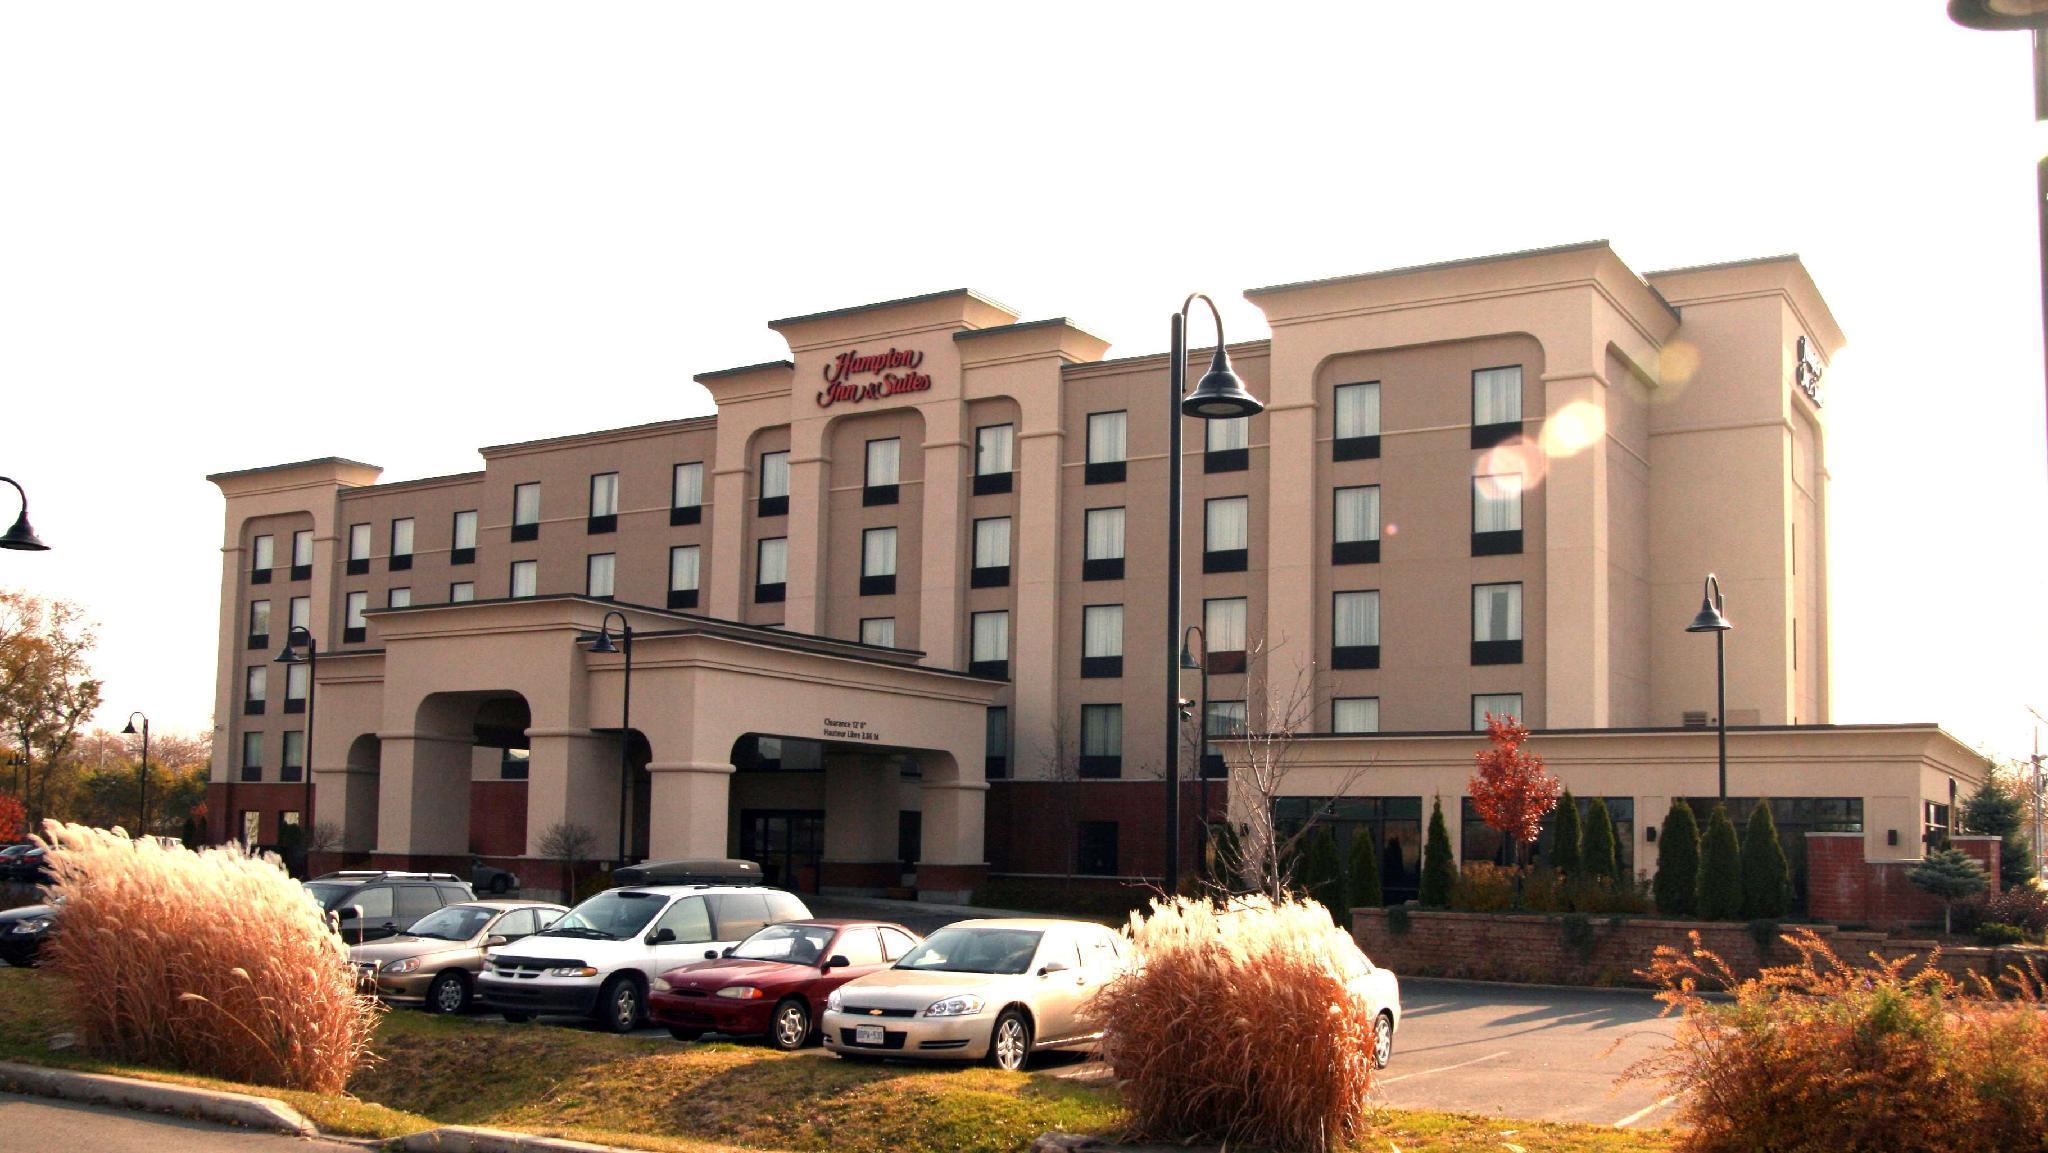 Hampton Inn And Suites Laval Quebec